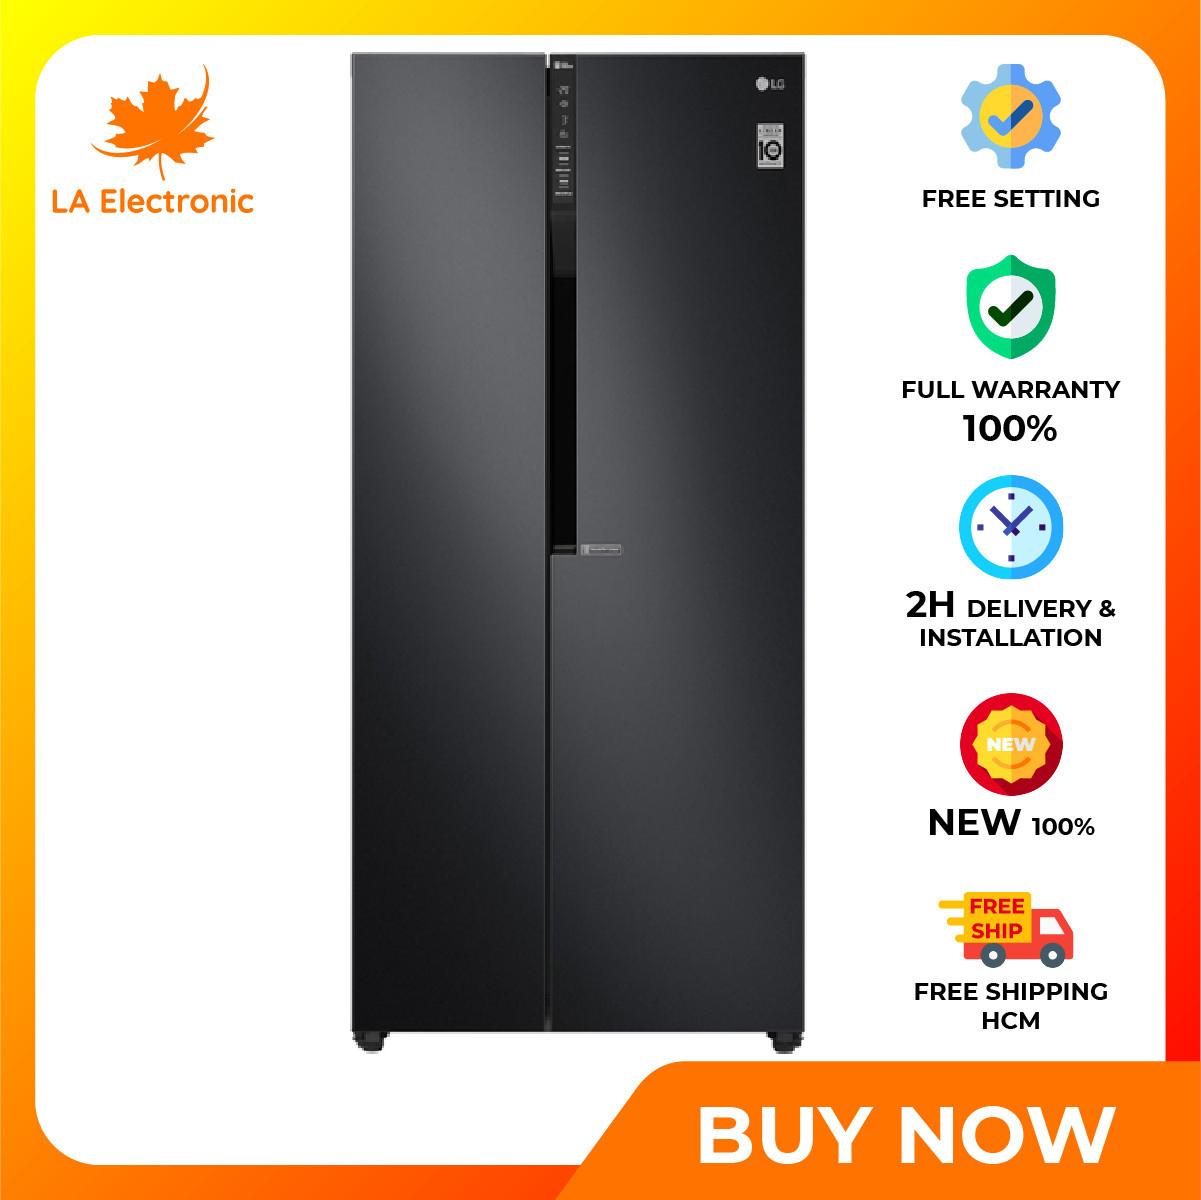 Trả Góp 0% - Tủ Lạnh LG Inverter 613 lít GR-B247WB Mới 2020 - Miễn phí vận chuyển HCM